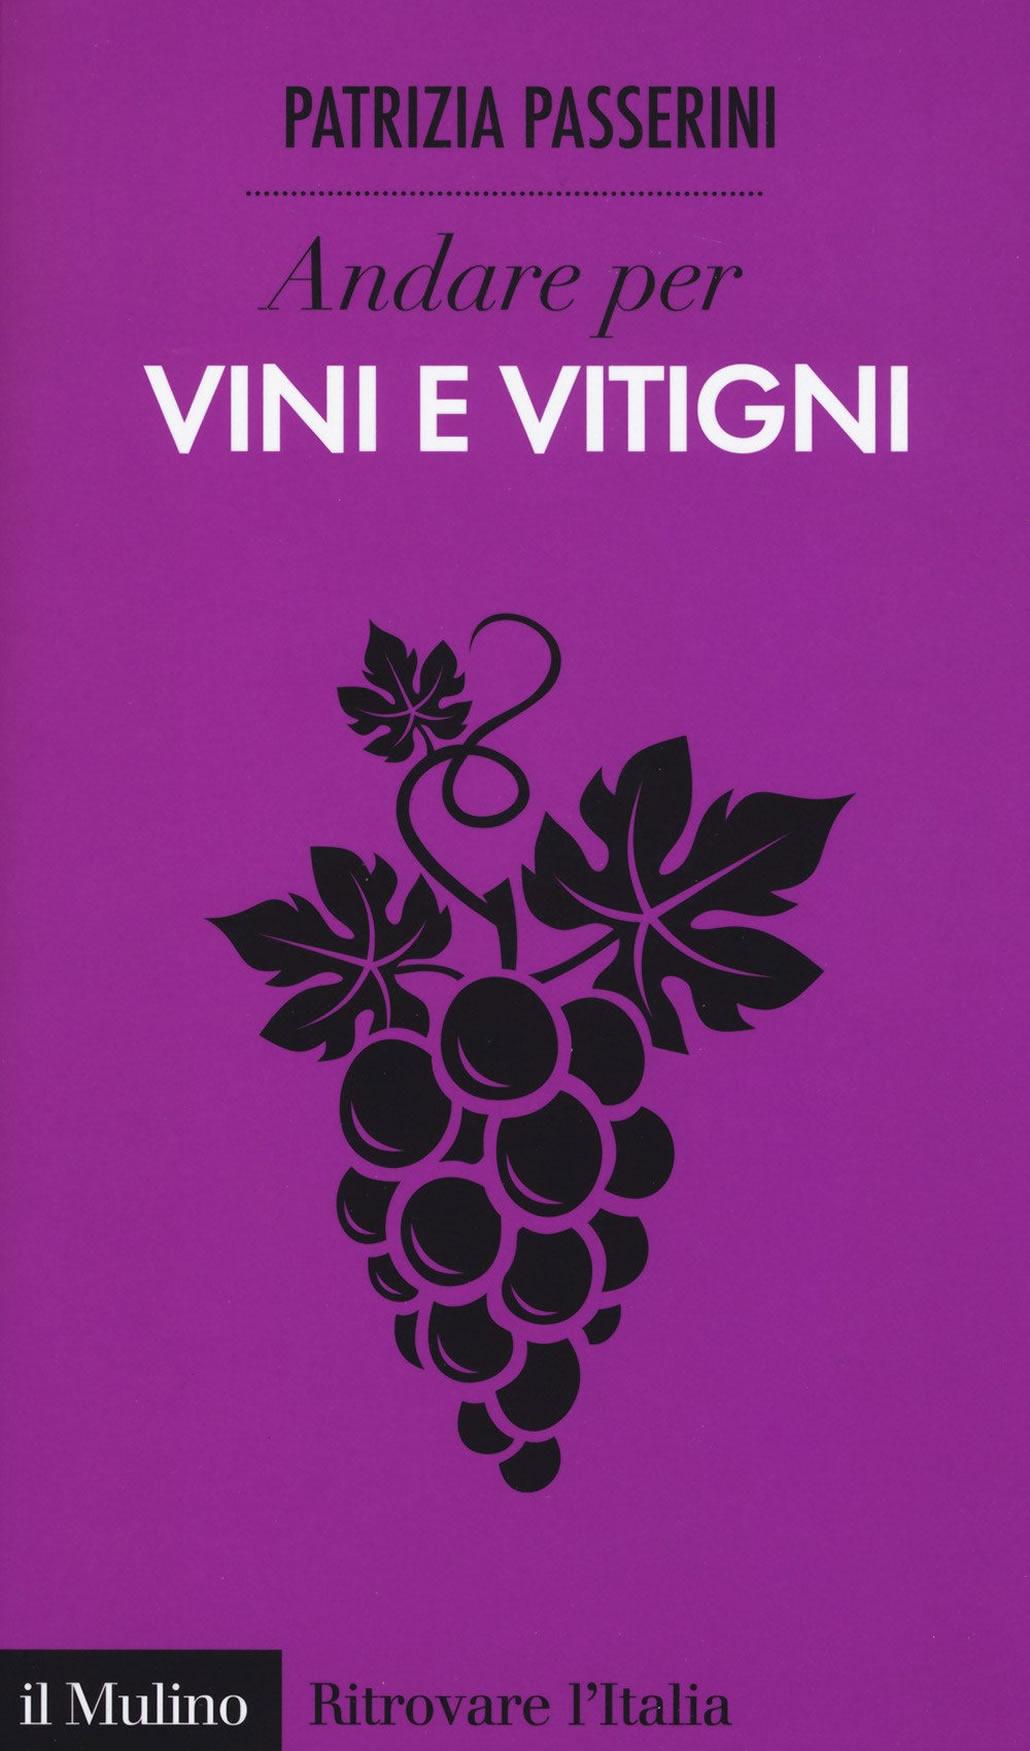 Andare per vini e vitigni, il viaggio enoico di Patrizia Passerini